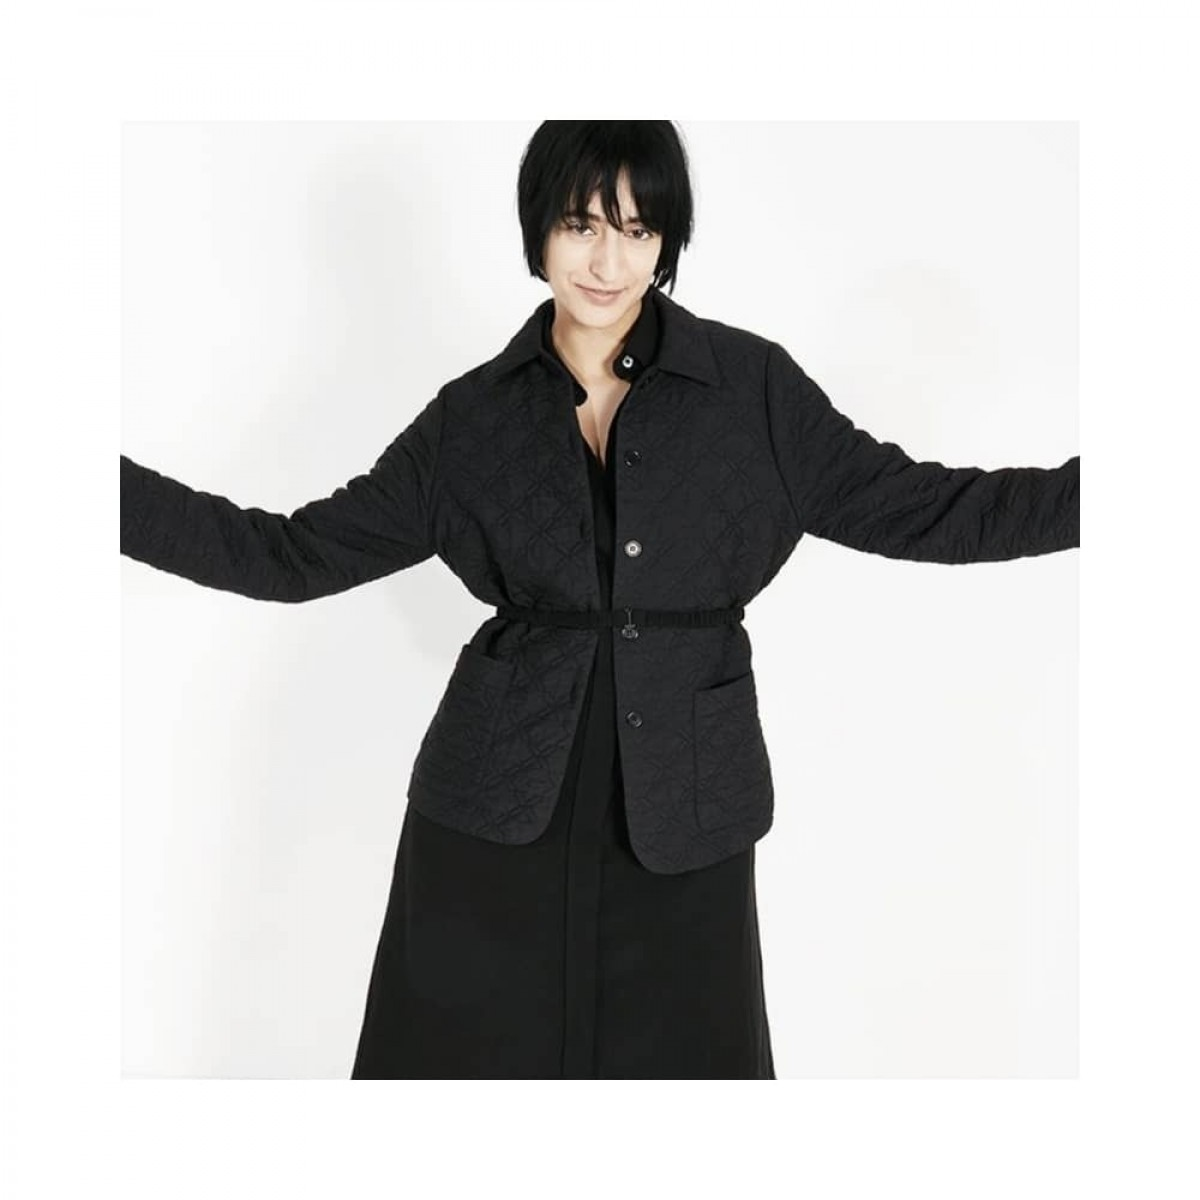 amanda jacket - black